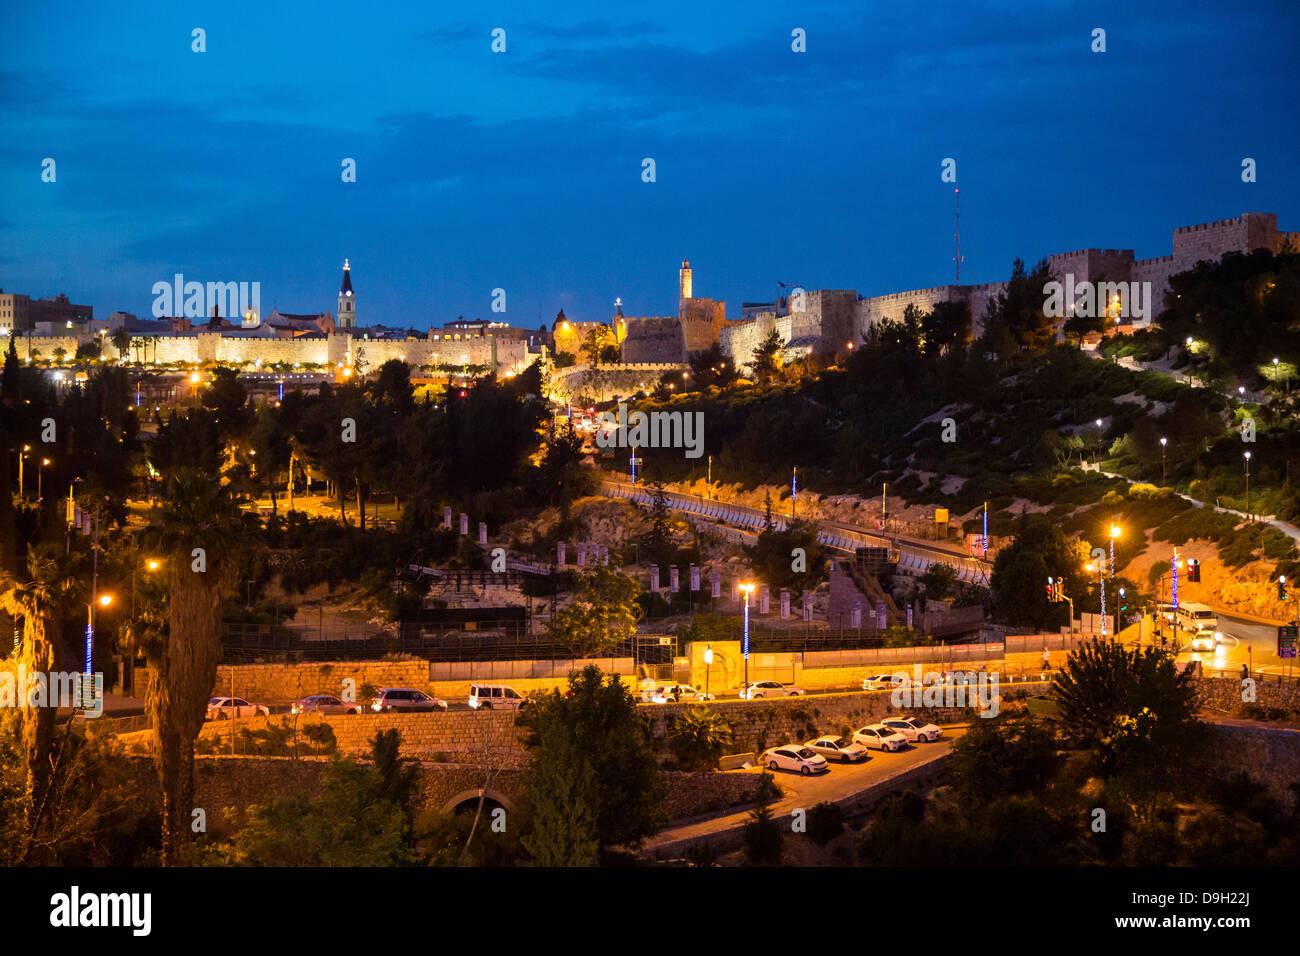 Le mura della città vecchia di Gerusalemme, Israele. Immagini Stock